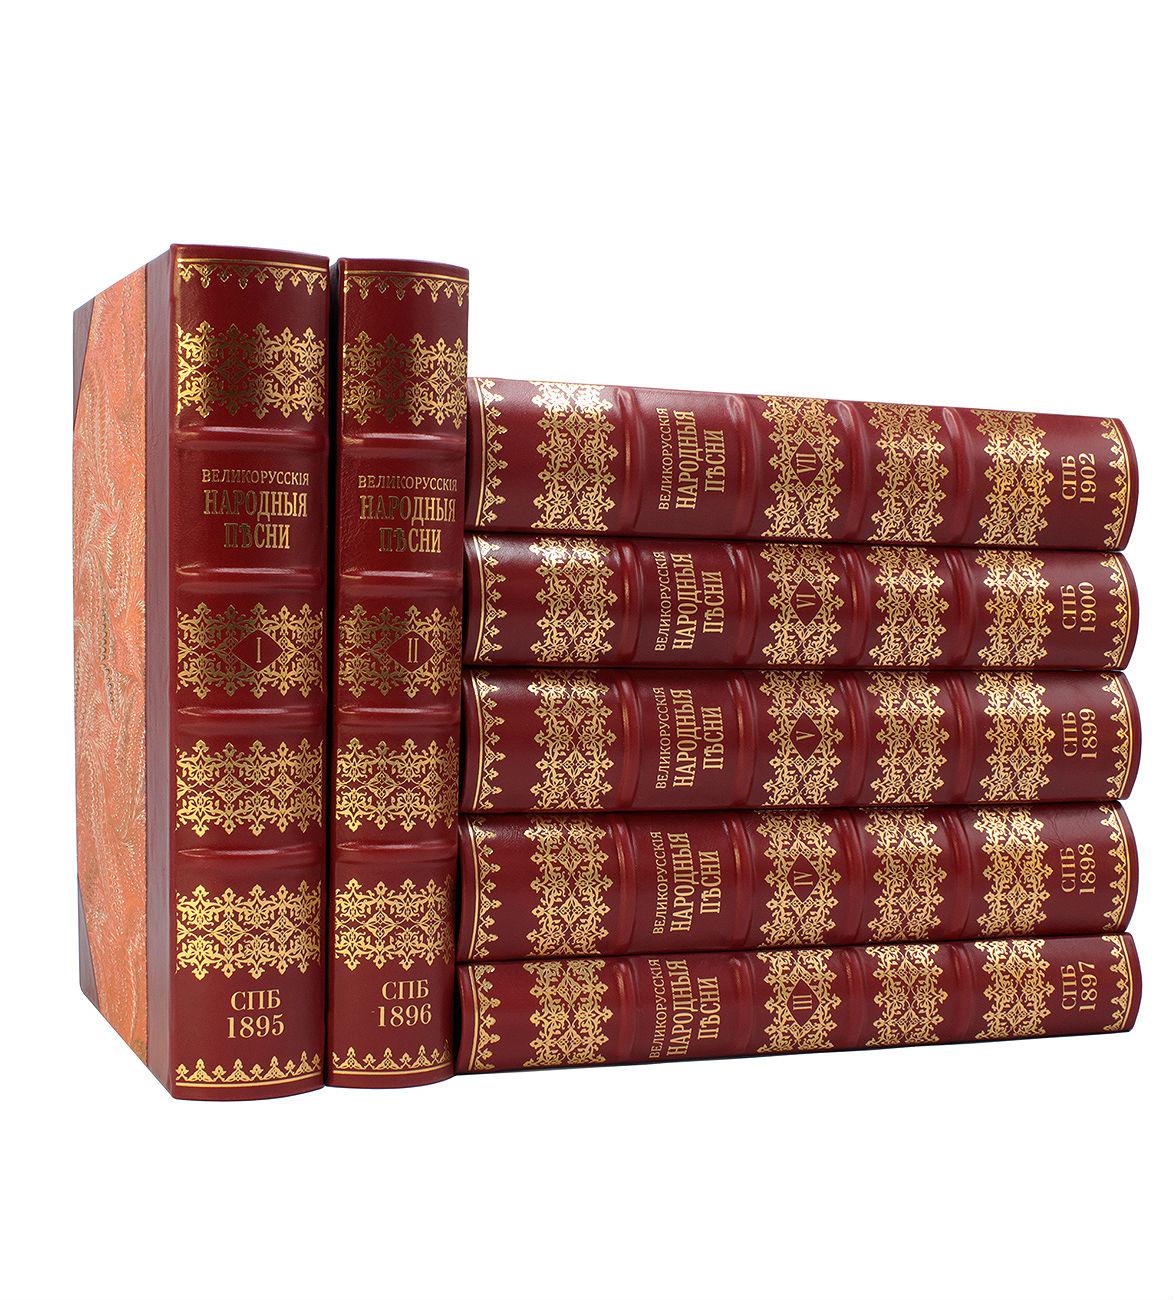 Великорусские народные песни в 7 томах, Соболевский